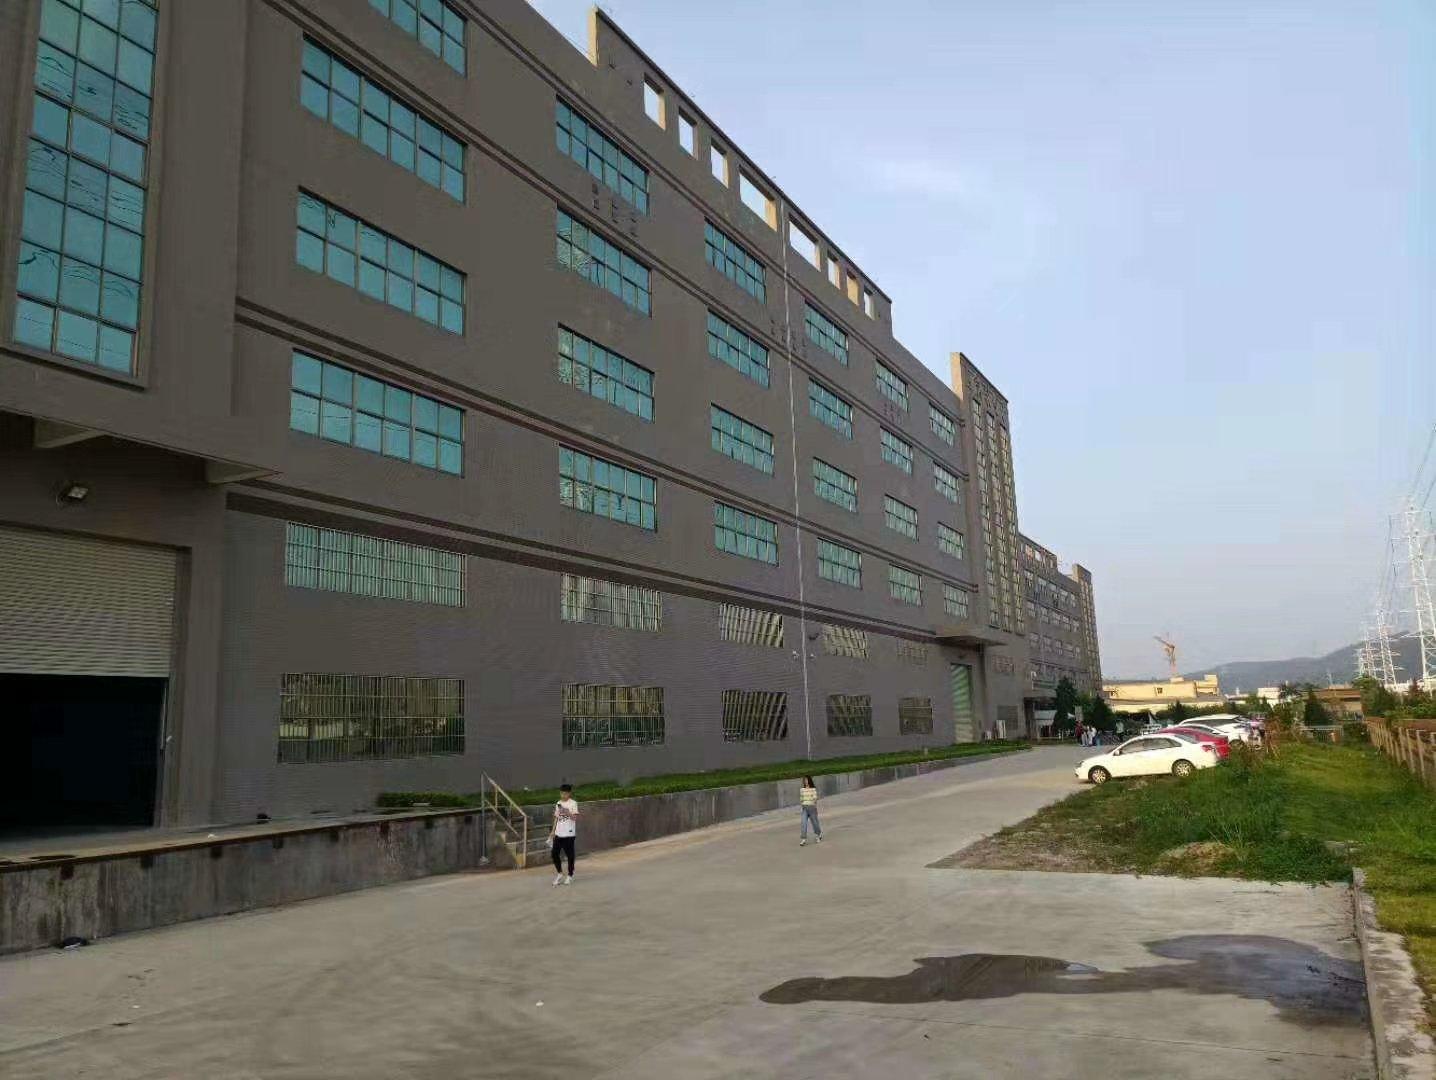 深圳市坪山区,红本厂房出售,总建筑面积33000平方